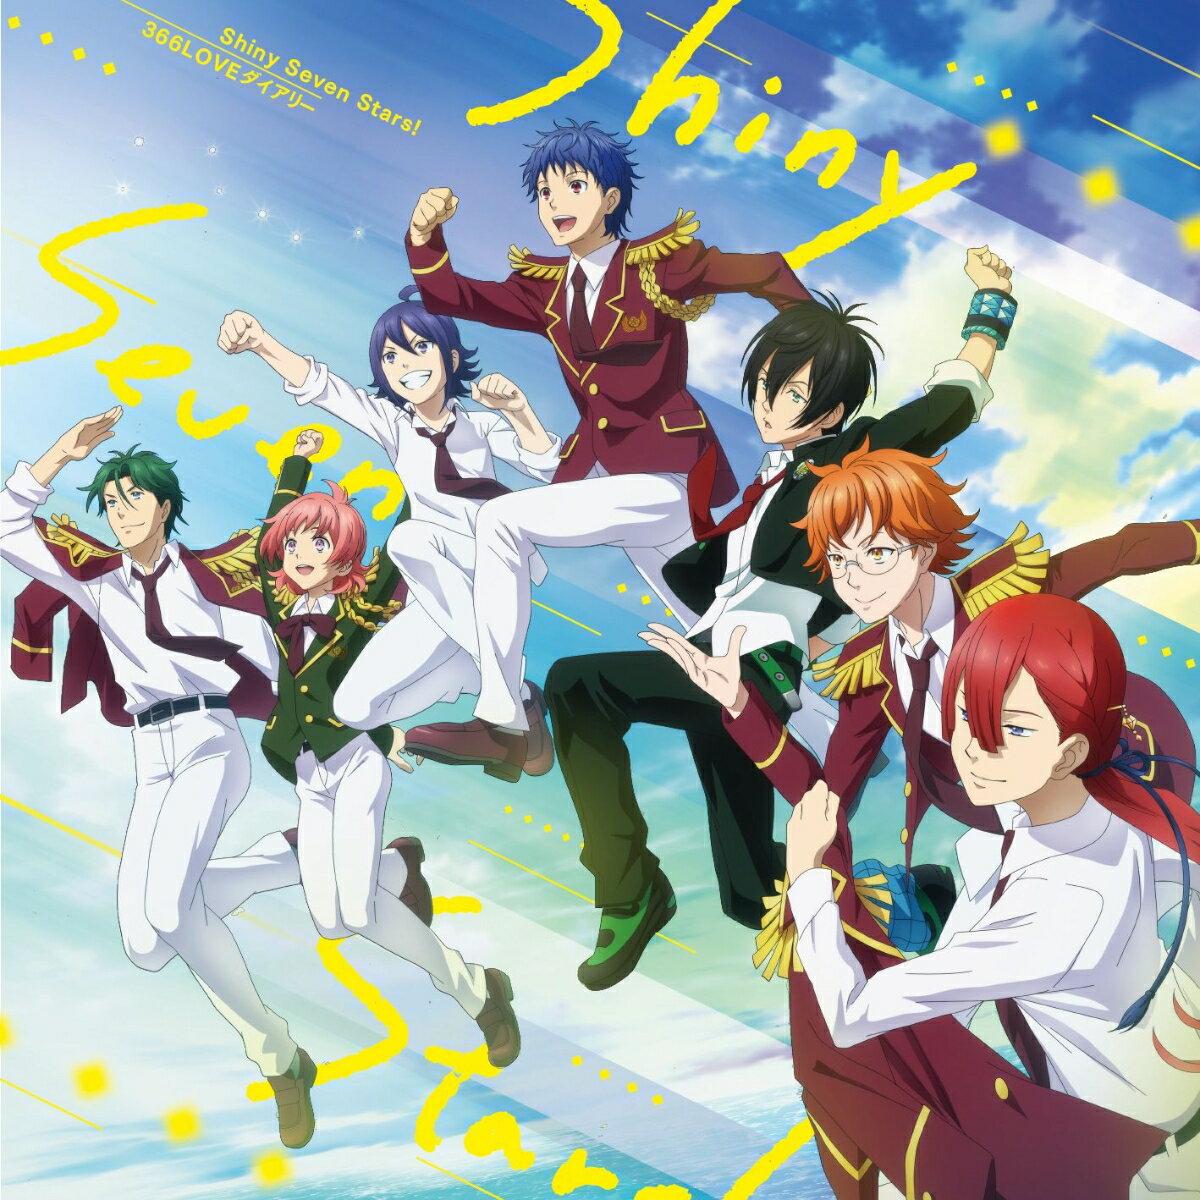 【楽天ブックス限定先着特典】Shiny Seven Stars!/366LOVEダイアリー (オリジナル場面写真ブロマイド付き)